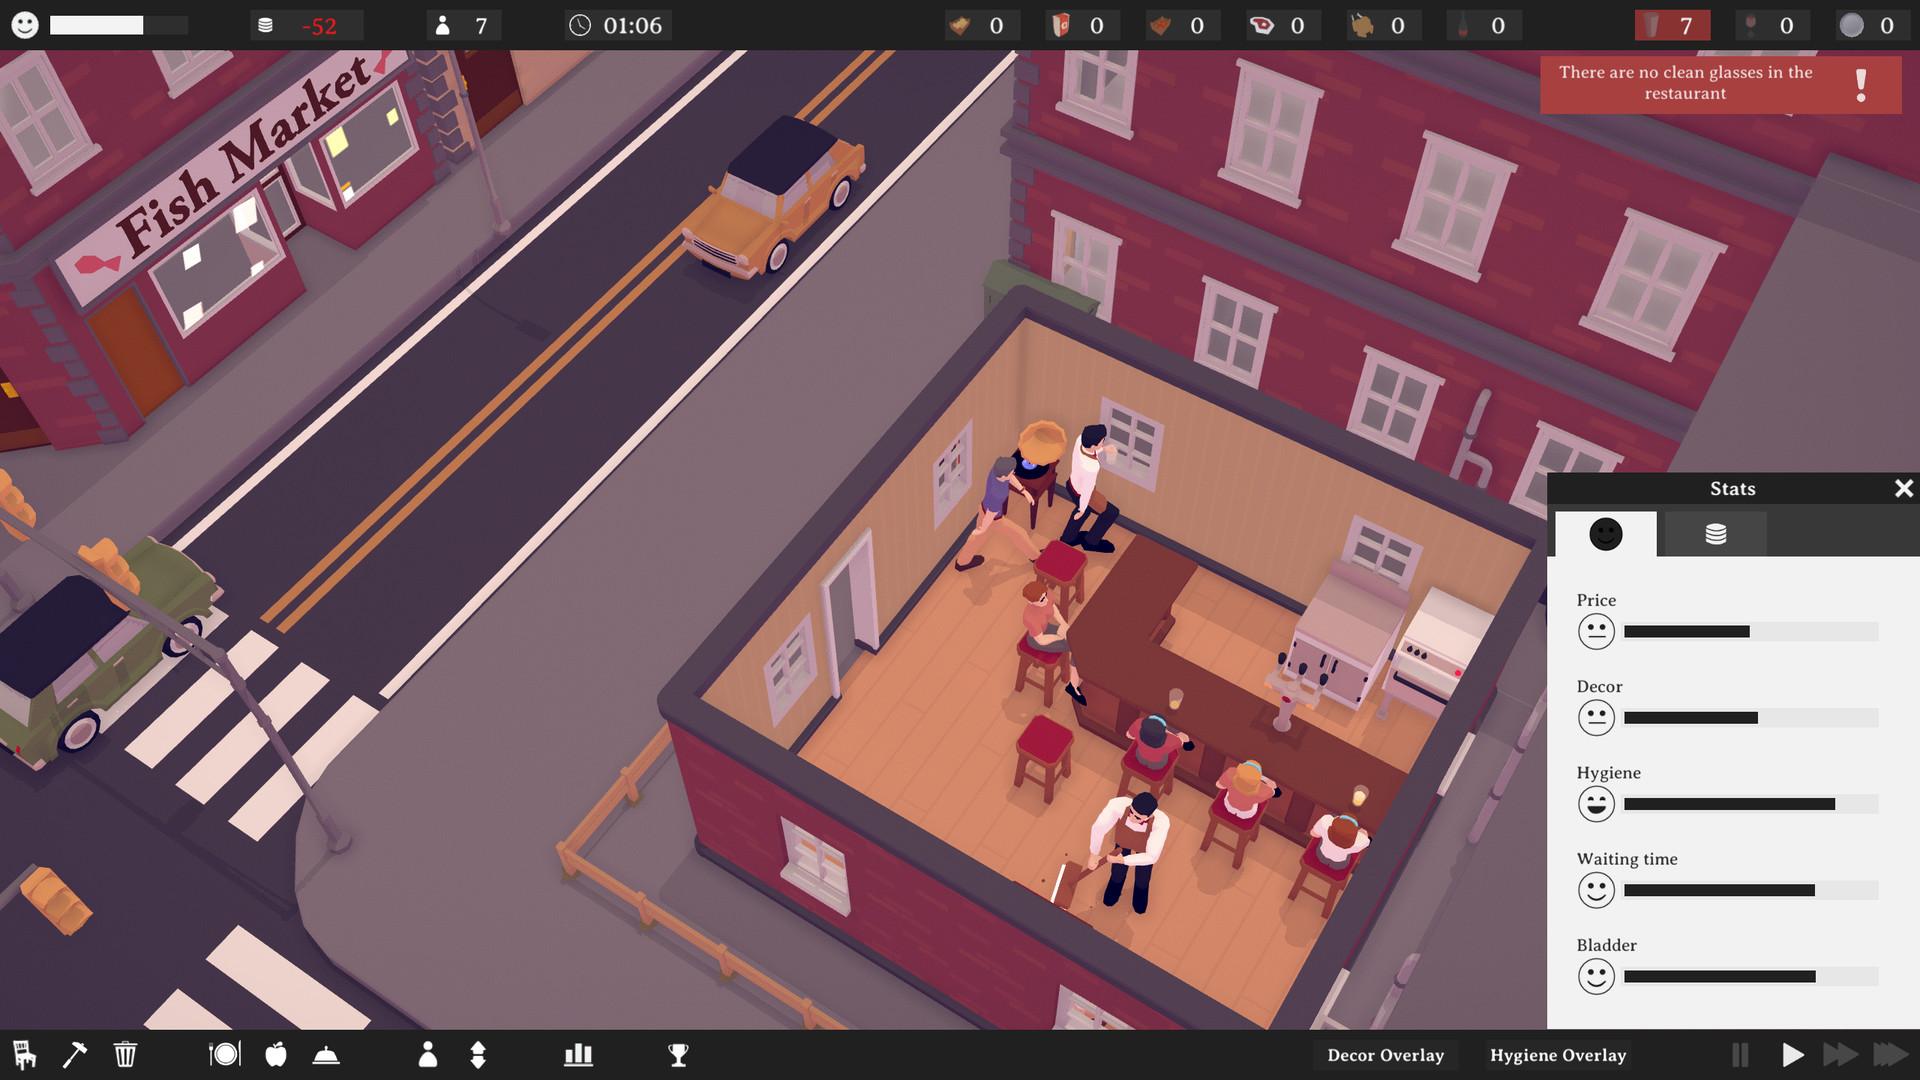 餐廳模擬器圖片